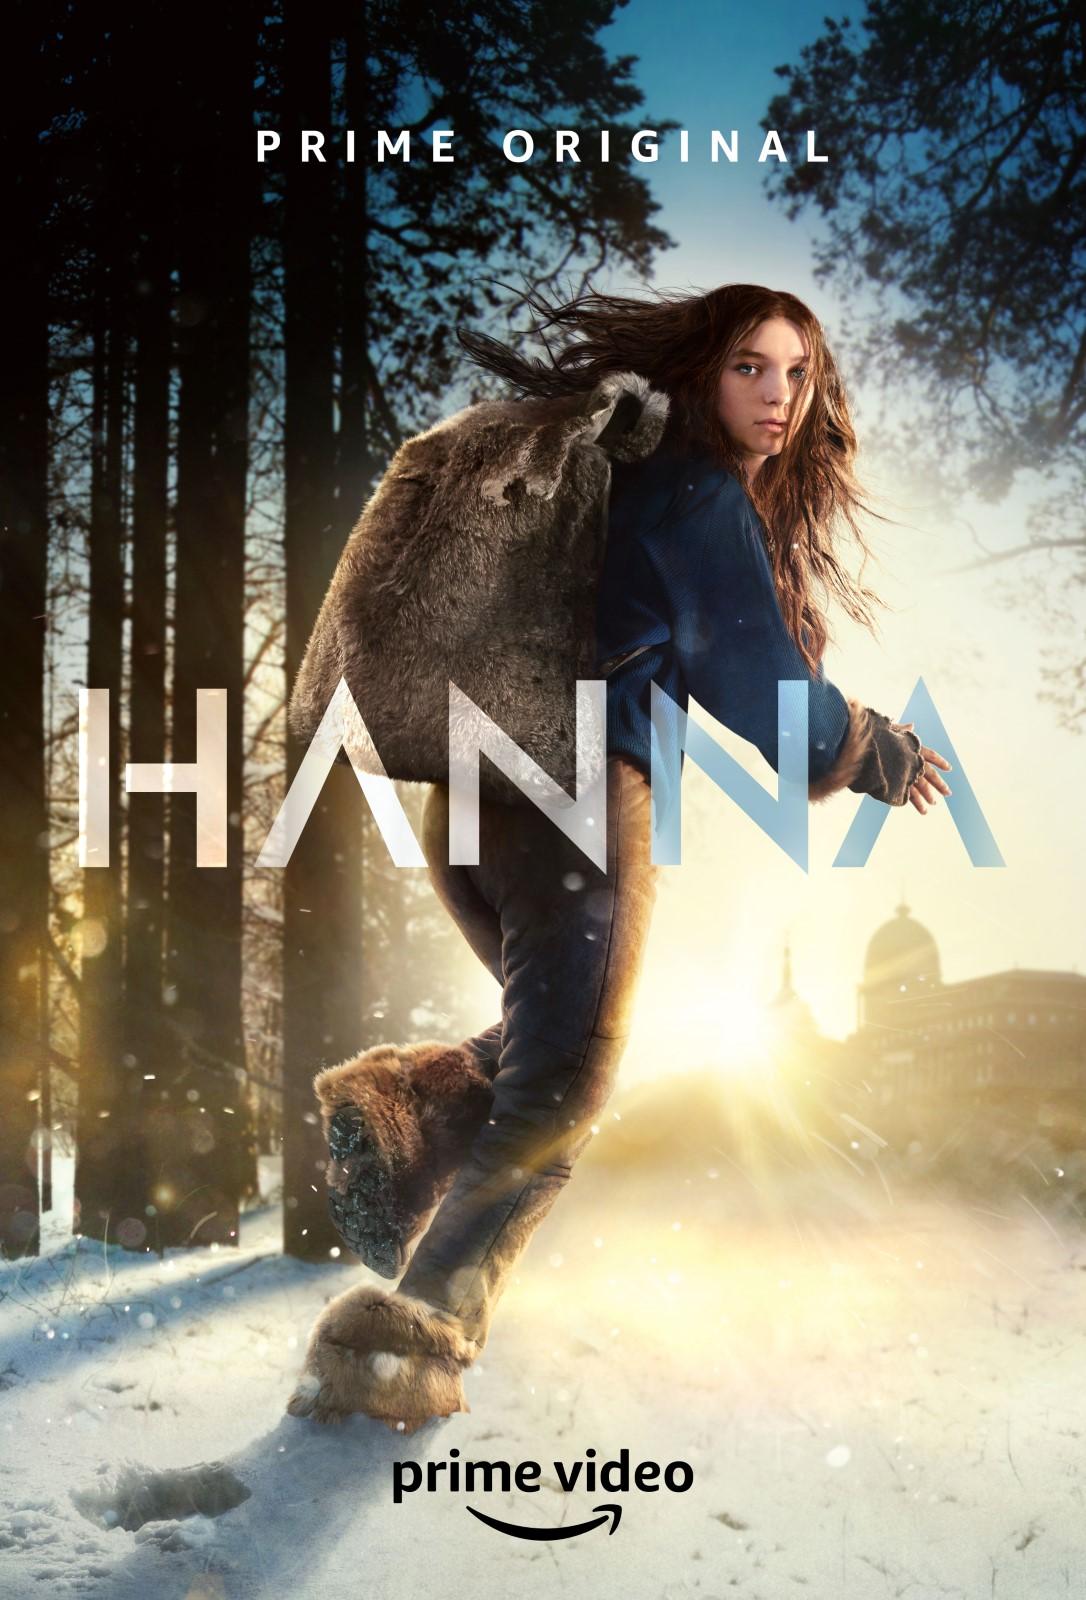 22 - Hanna